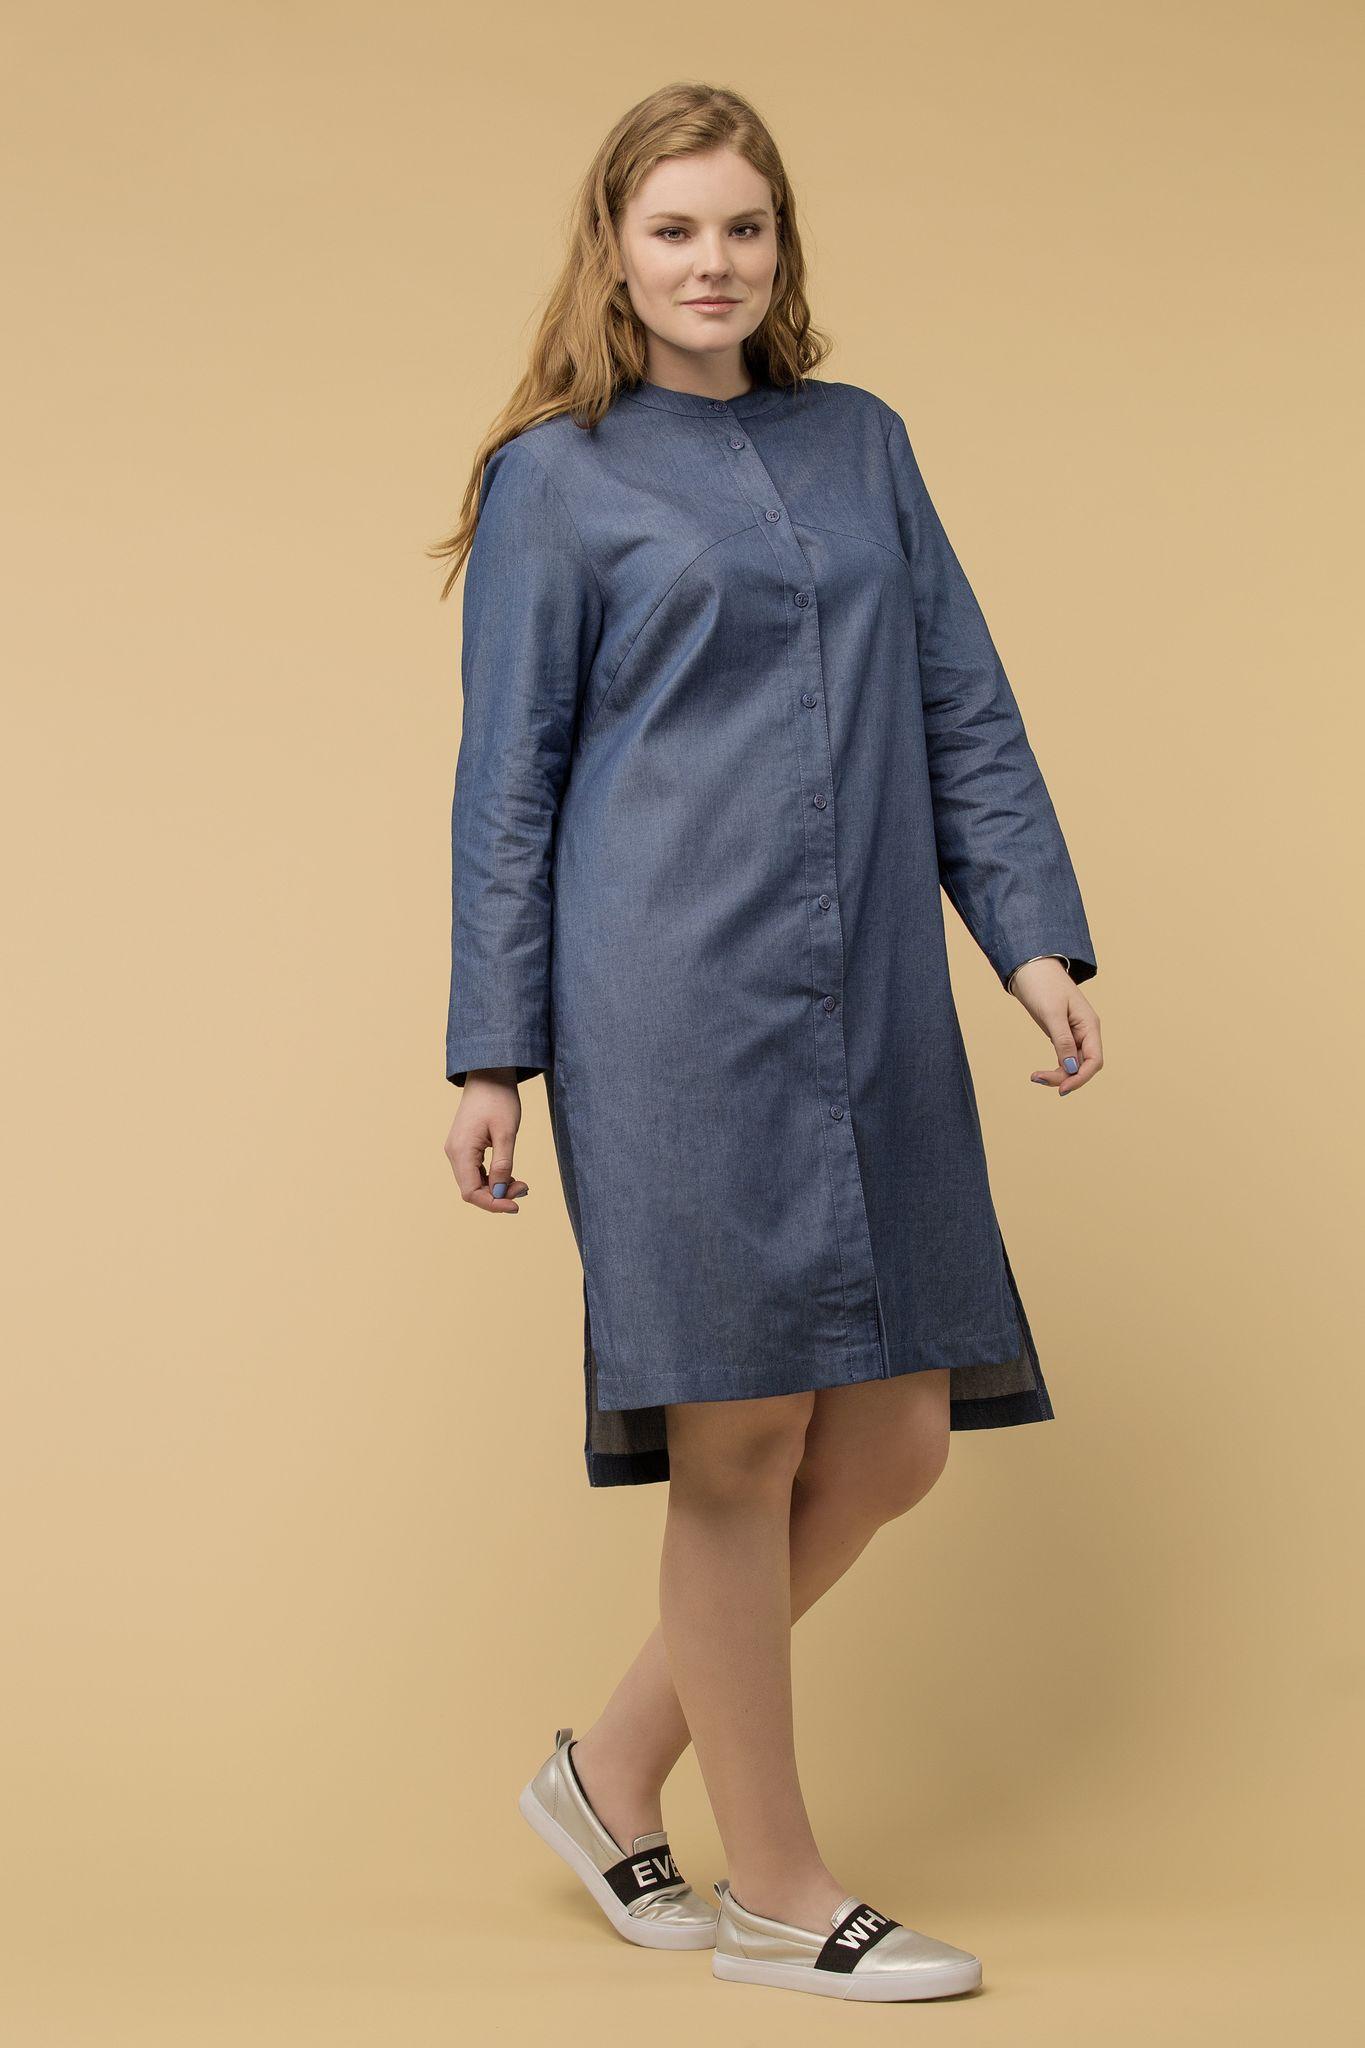 Платье LE-04 D02 20Платья<br>Платье-рубашка из тонкой и пластичной джинсы, создаст тот самый, нужный и правильный образ  в вашем  гардеробе. Идеально для жаркой погоды, как платье , а для прохладной, как очень легкий кардиган. Разноуровневый низ - небольшаой акцент, который делает образ запоминающимся и ярким. Ограниченный тираж!<br>